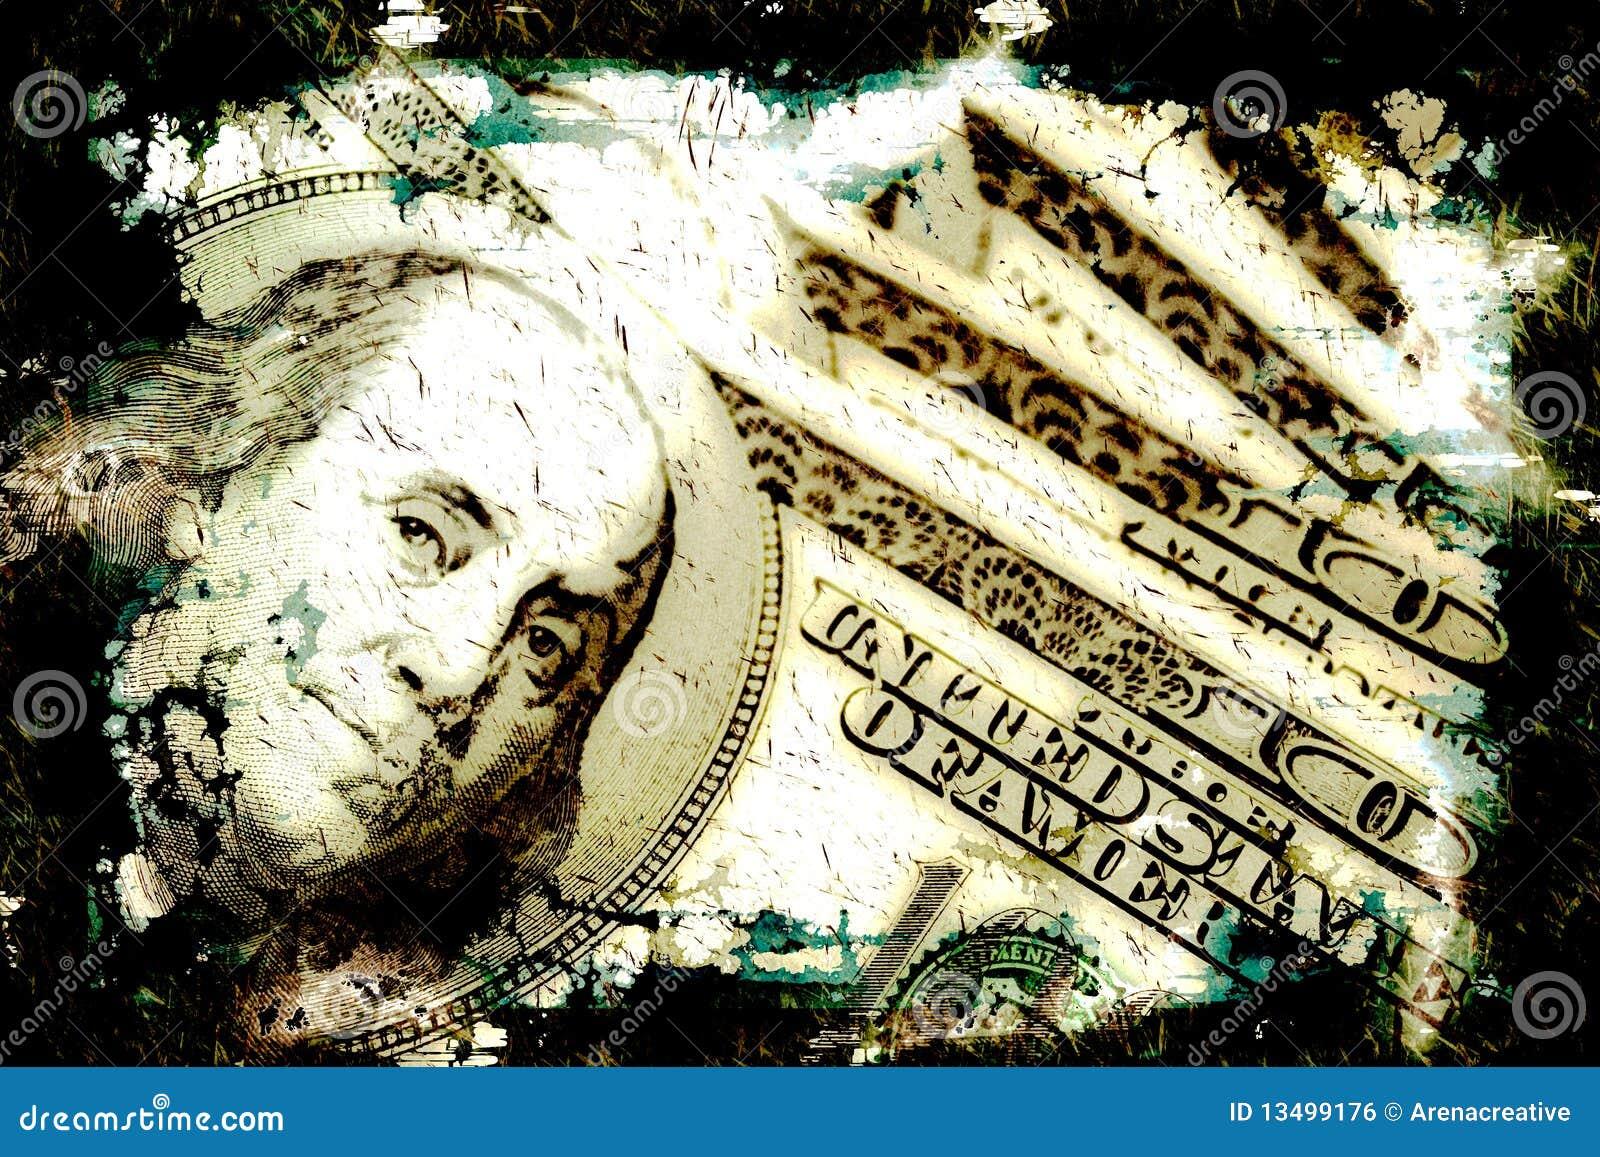 Hustlers money myspace layouts